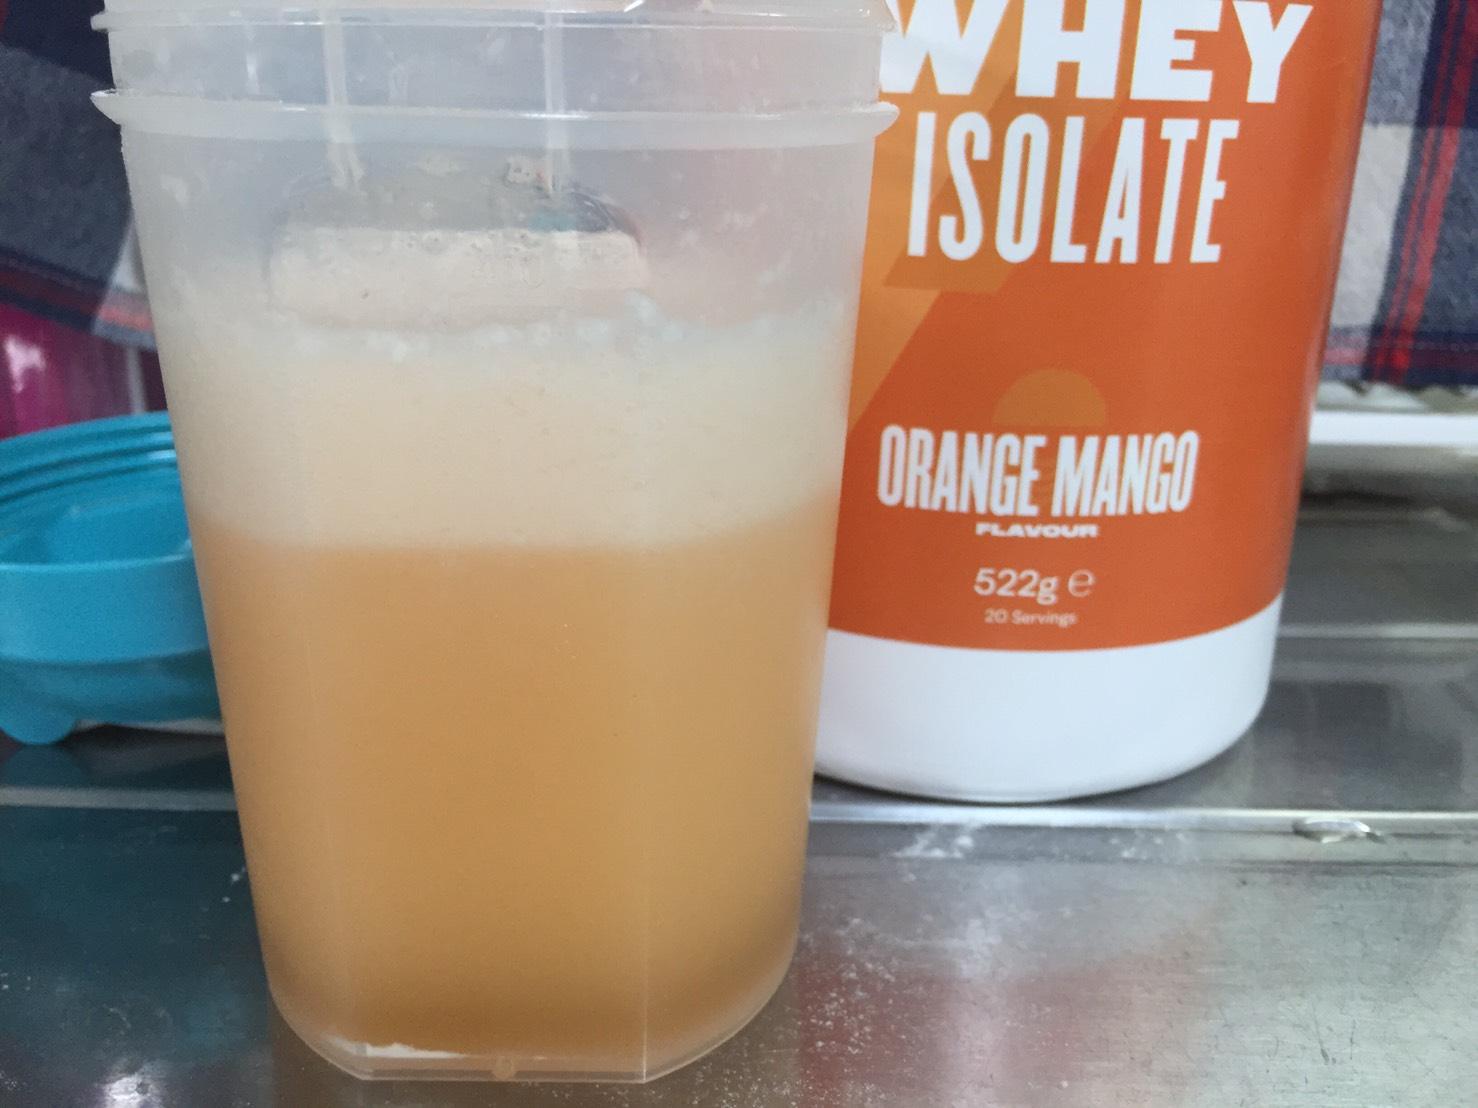 オレンジマンゴー味(ORANGE MANGO)を横から撮影した様子